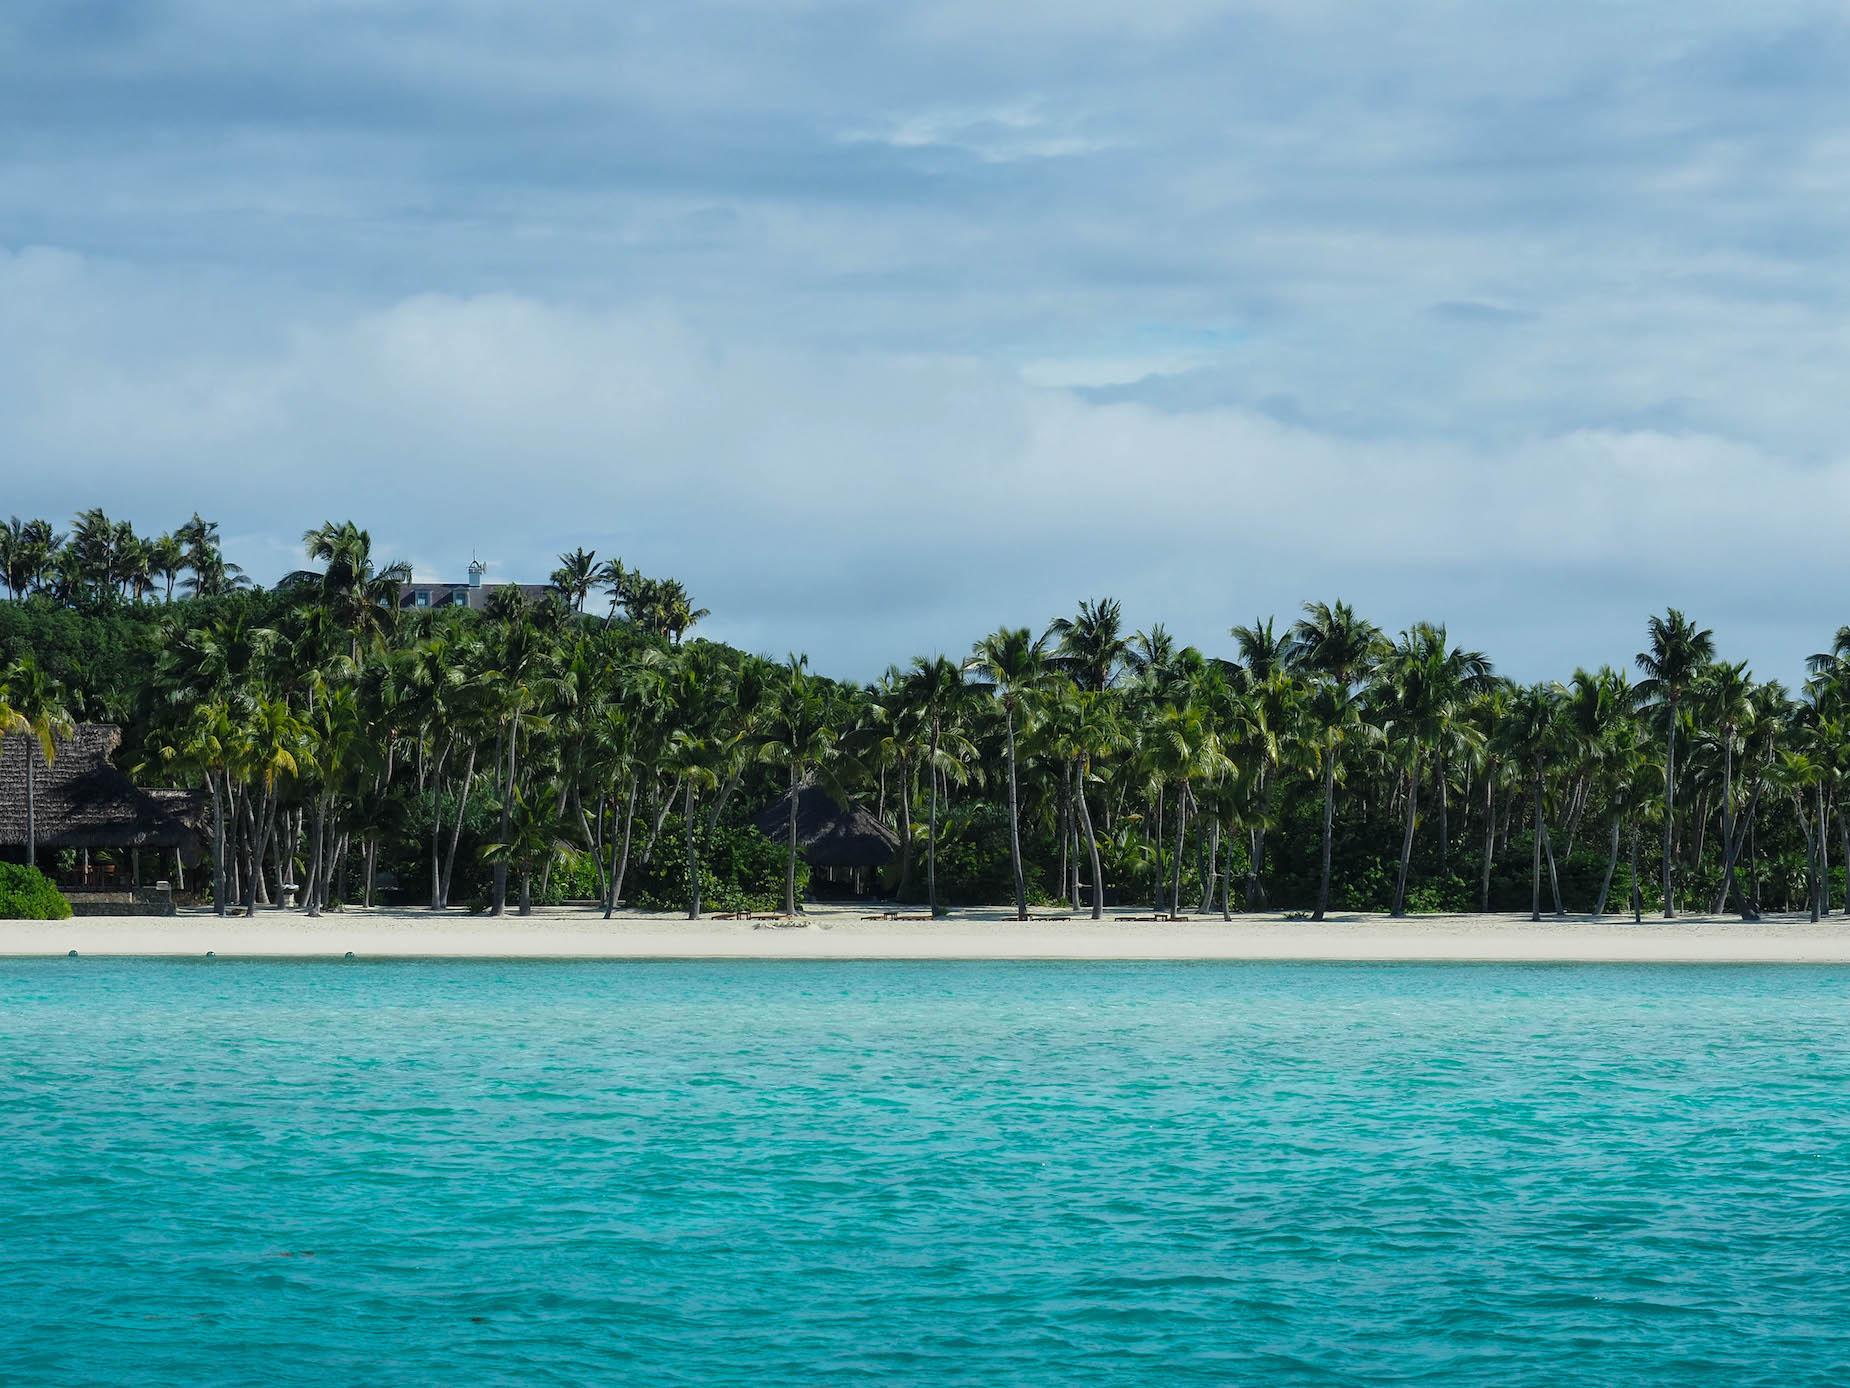 Die Bahamas oder das Gefühl von Glück auf dem Weg in die Freiheit